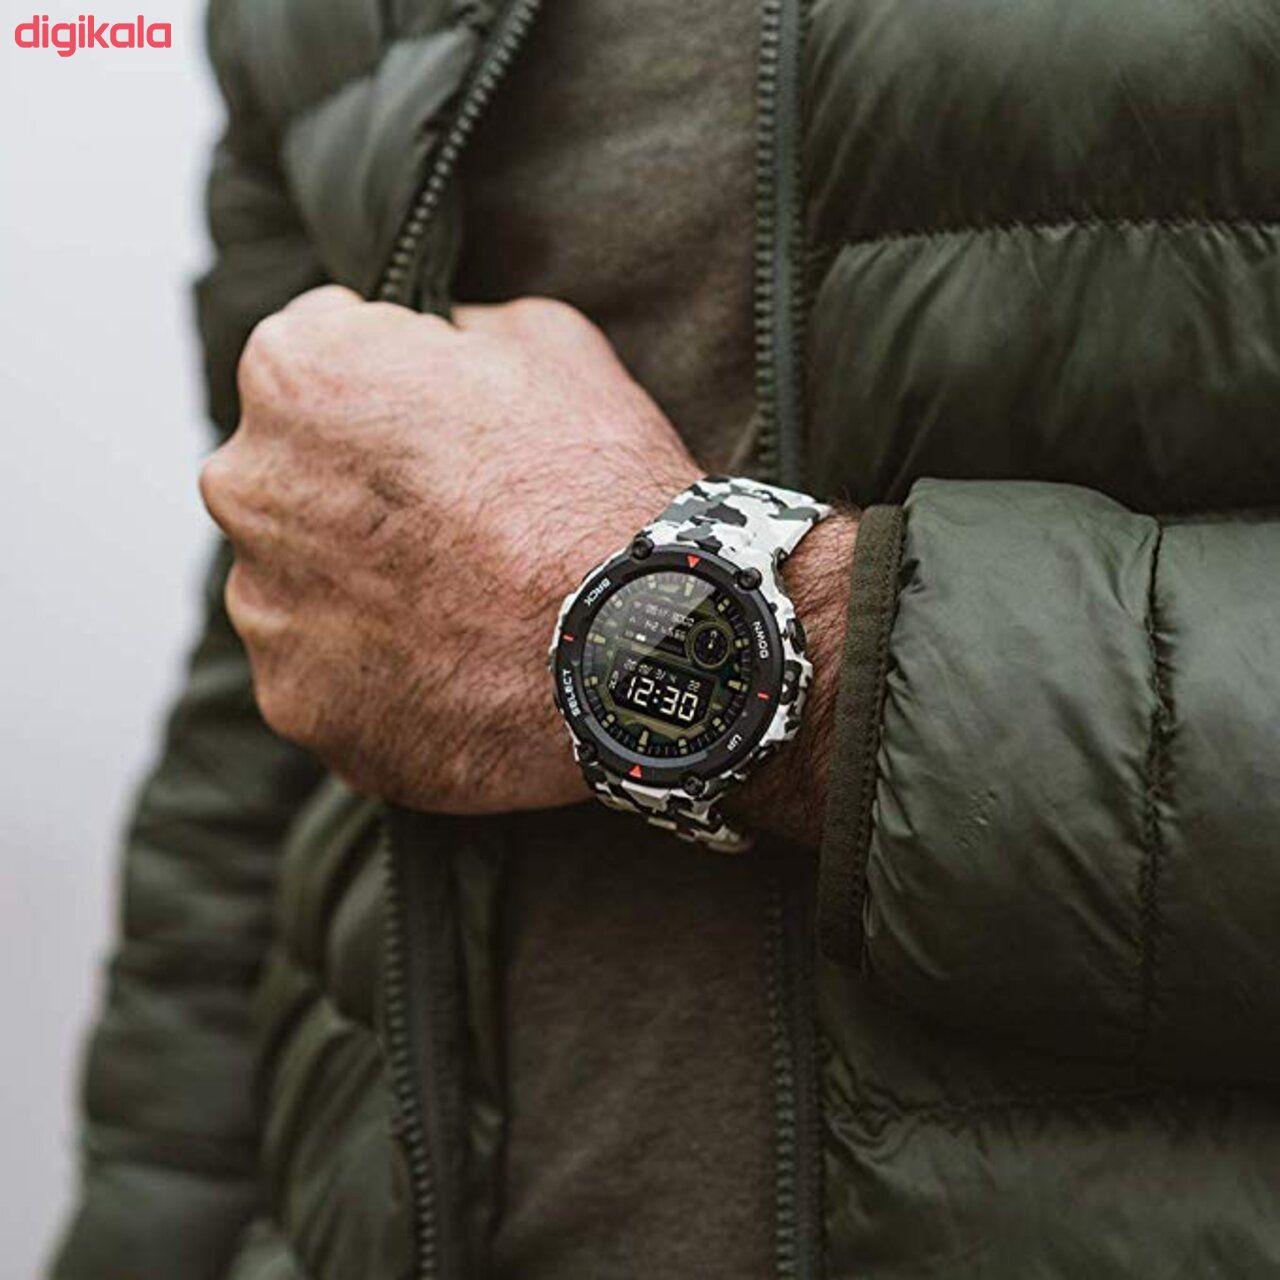 ساعت هوشمند امیزفیت مدل T-Rex main 1 7